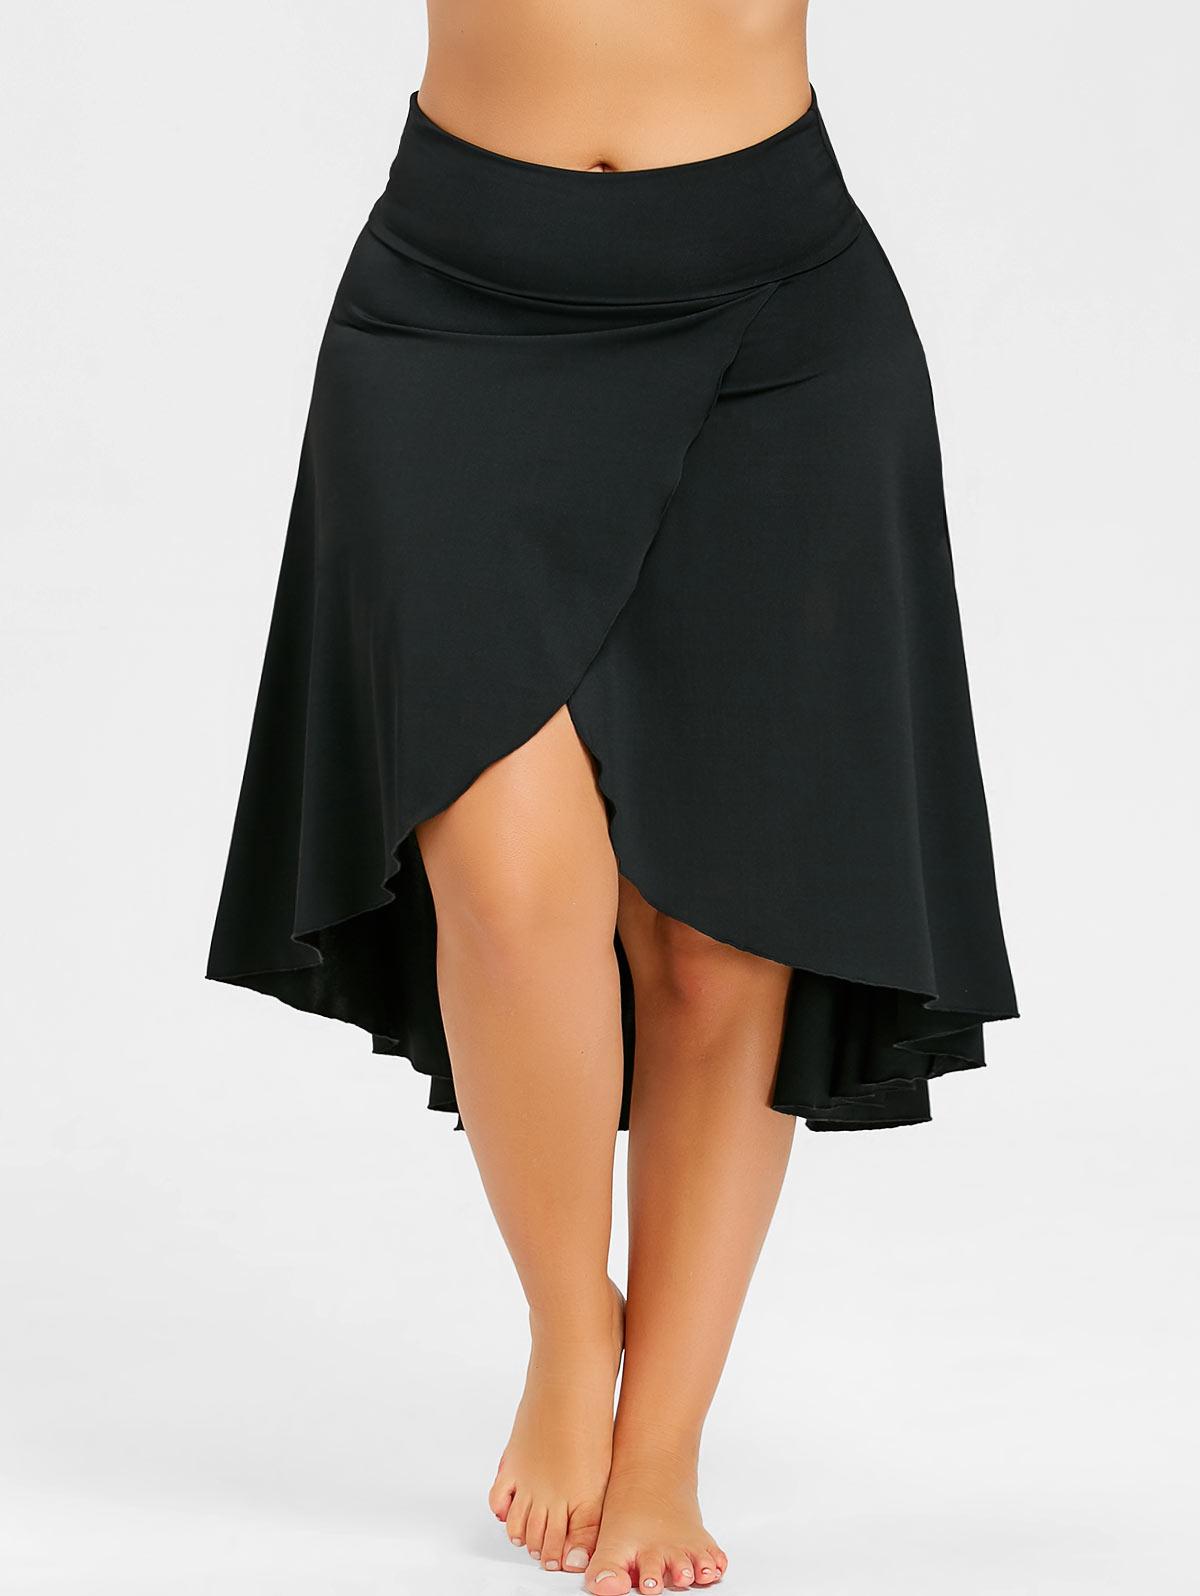 Gamiss Women Fashion Asymmetrical Plus Size 5XL Split High ...